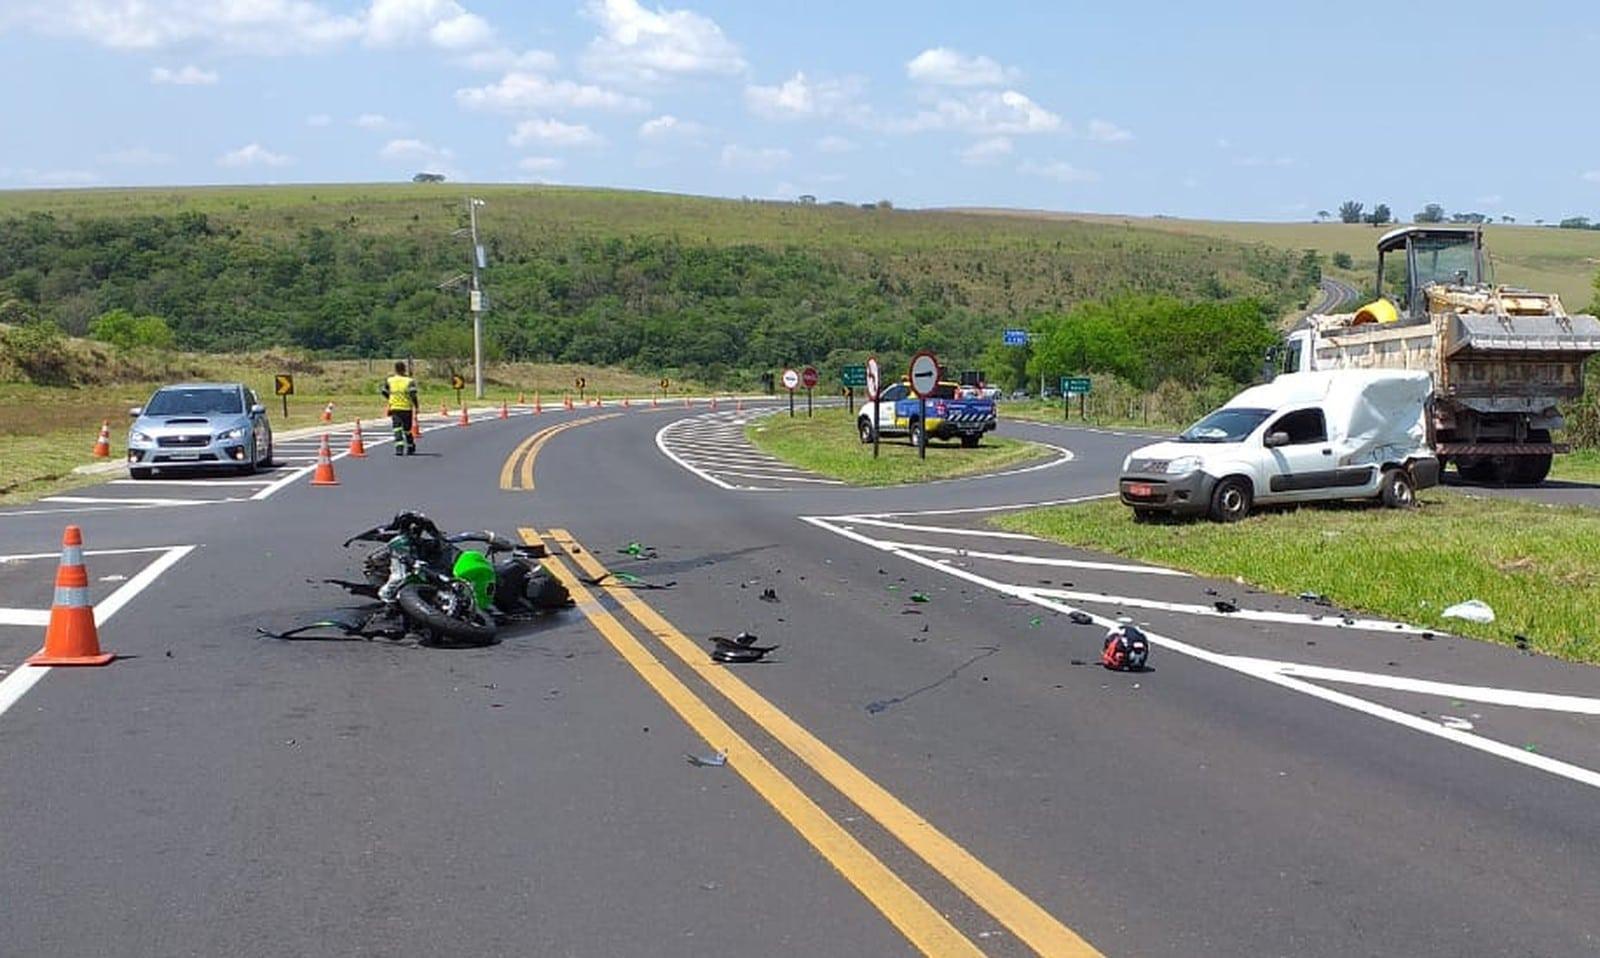 Motociclista morreu após bater na lateral de carro em rodovia de Oscar Bressane — Foto: Arquivo pessoal